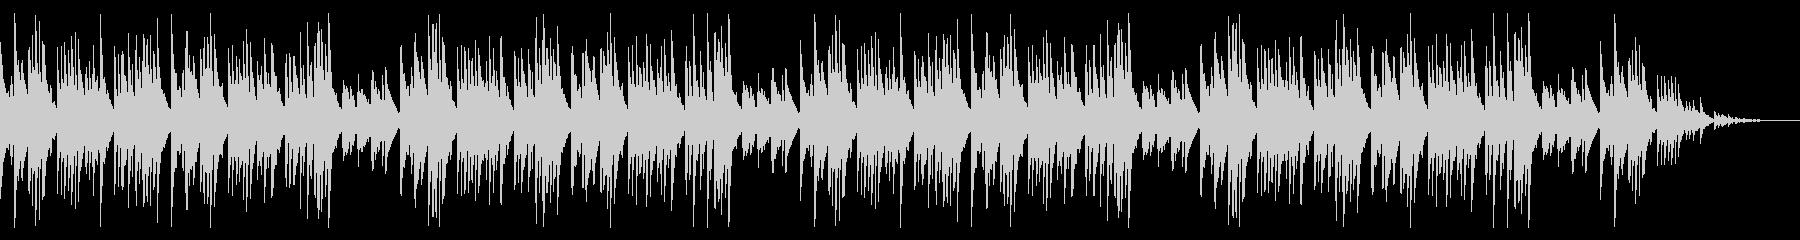 童謡「桃太郎」シンプルな琴のアレンジの未再生の波形